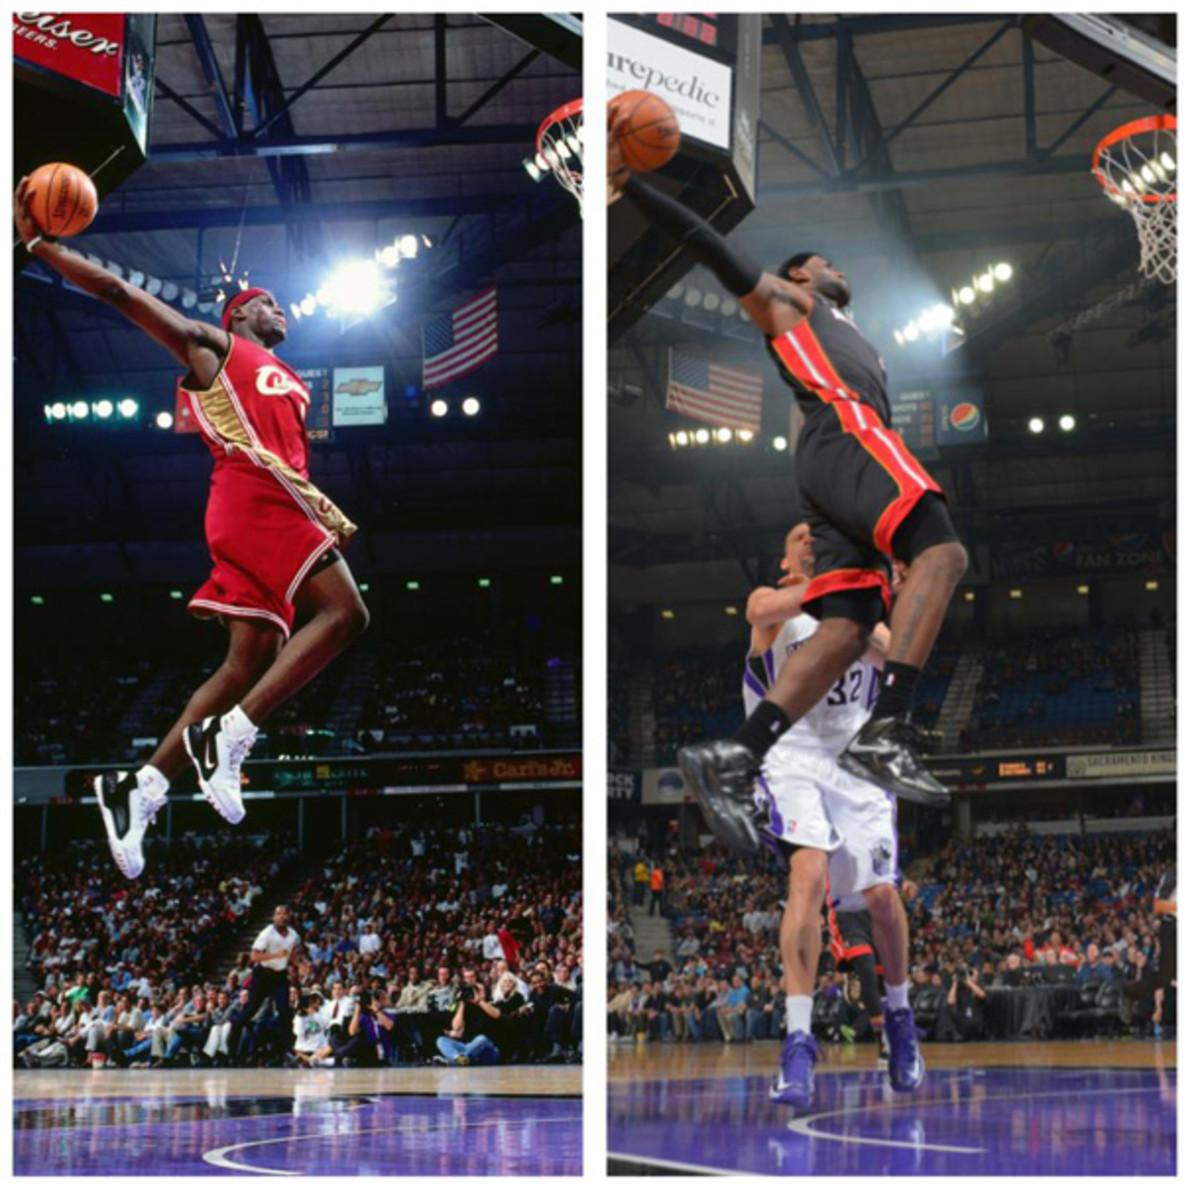 LeBron James in 2003 vs. LeBron James in 2013 (Rocky Widner, Sacramento Kings)